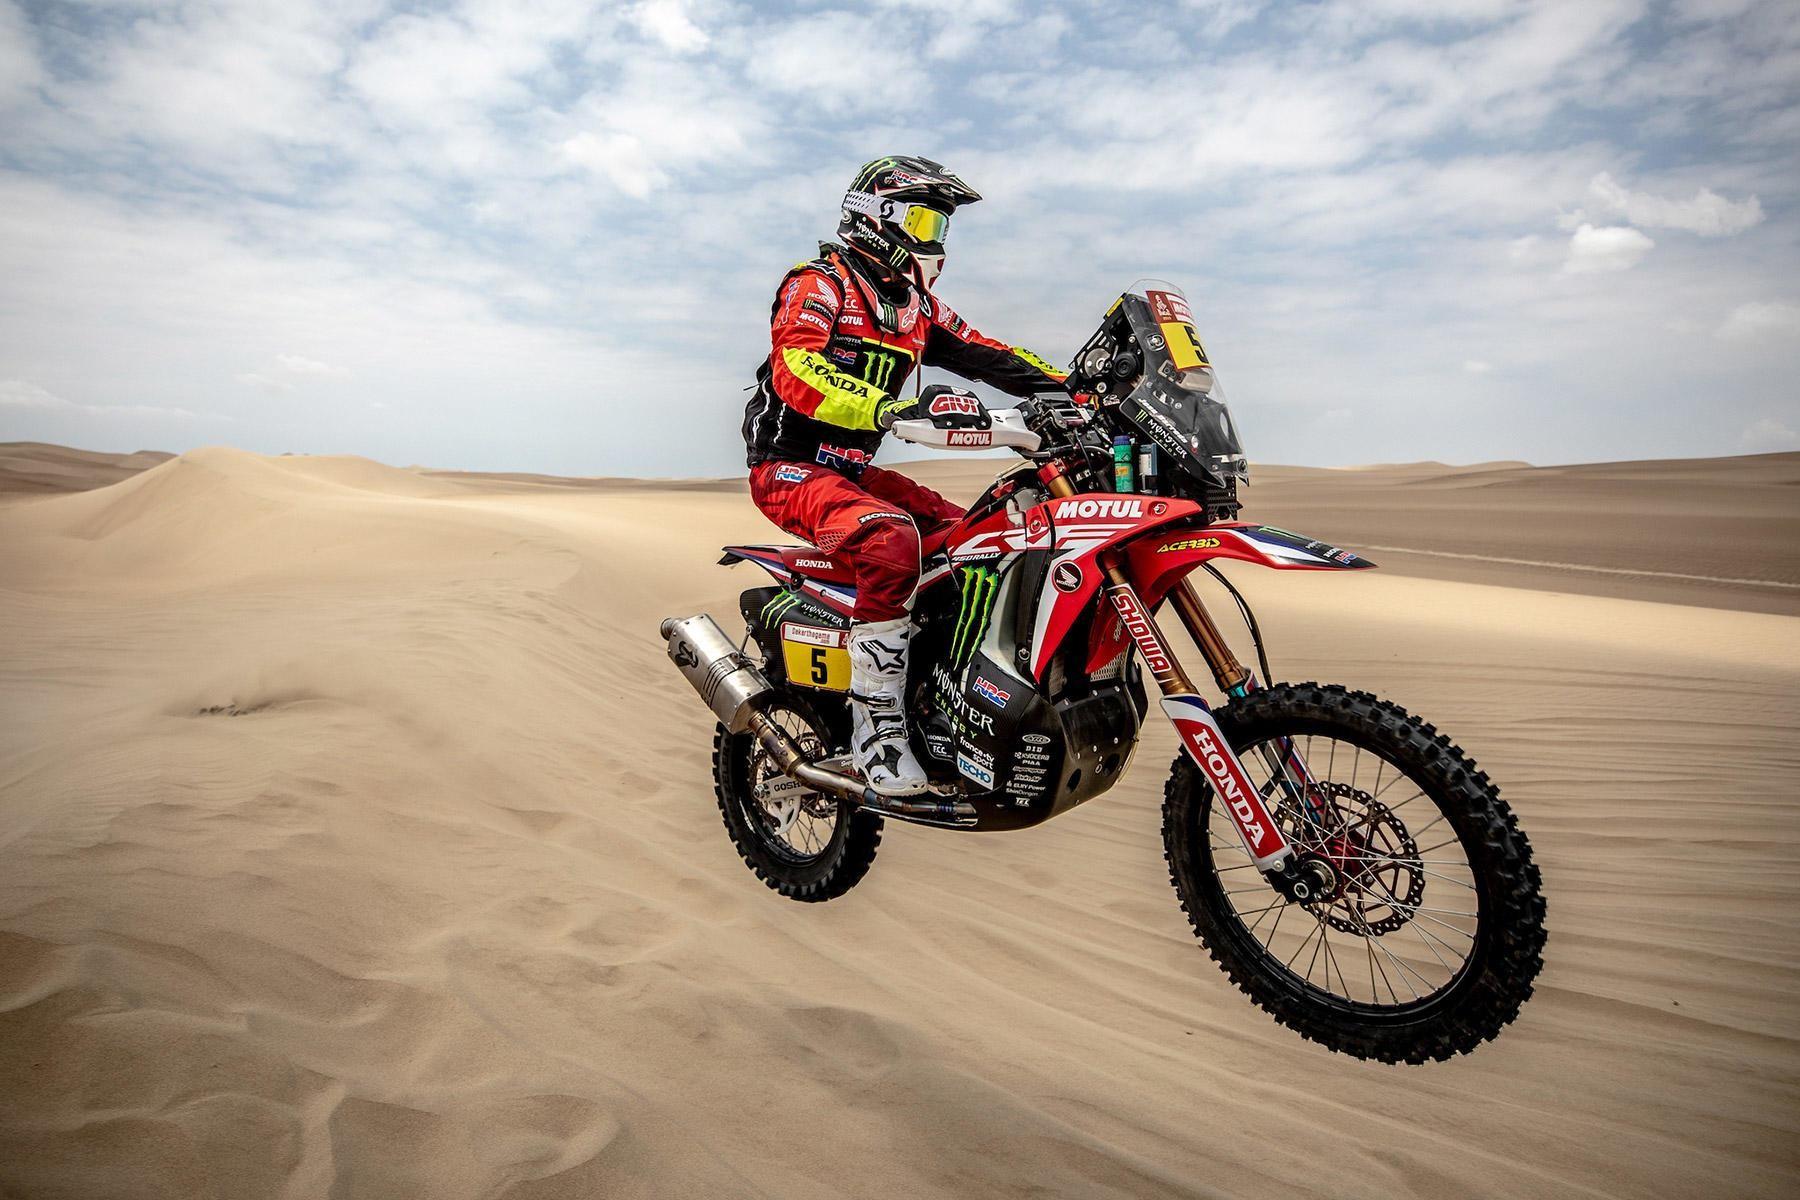 Dakar 2019: Todos los pilotos españoles en motos - Motorbike Magazine